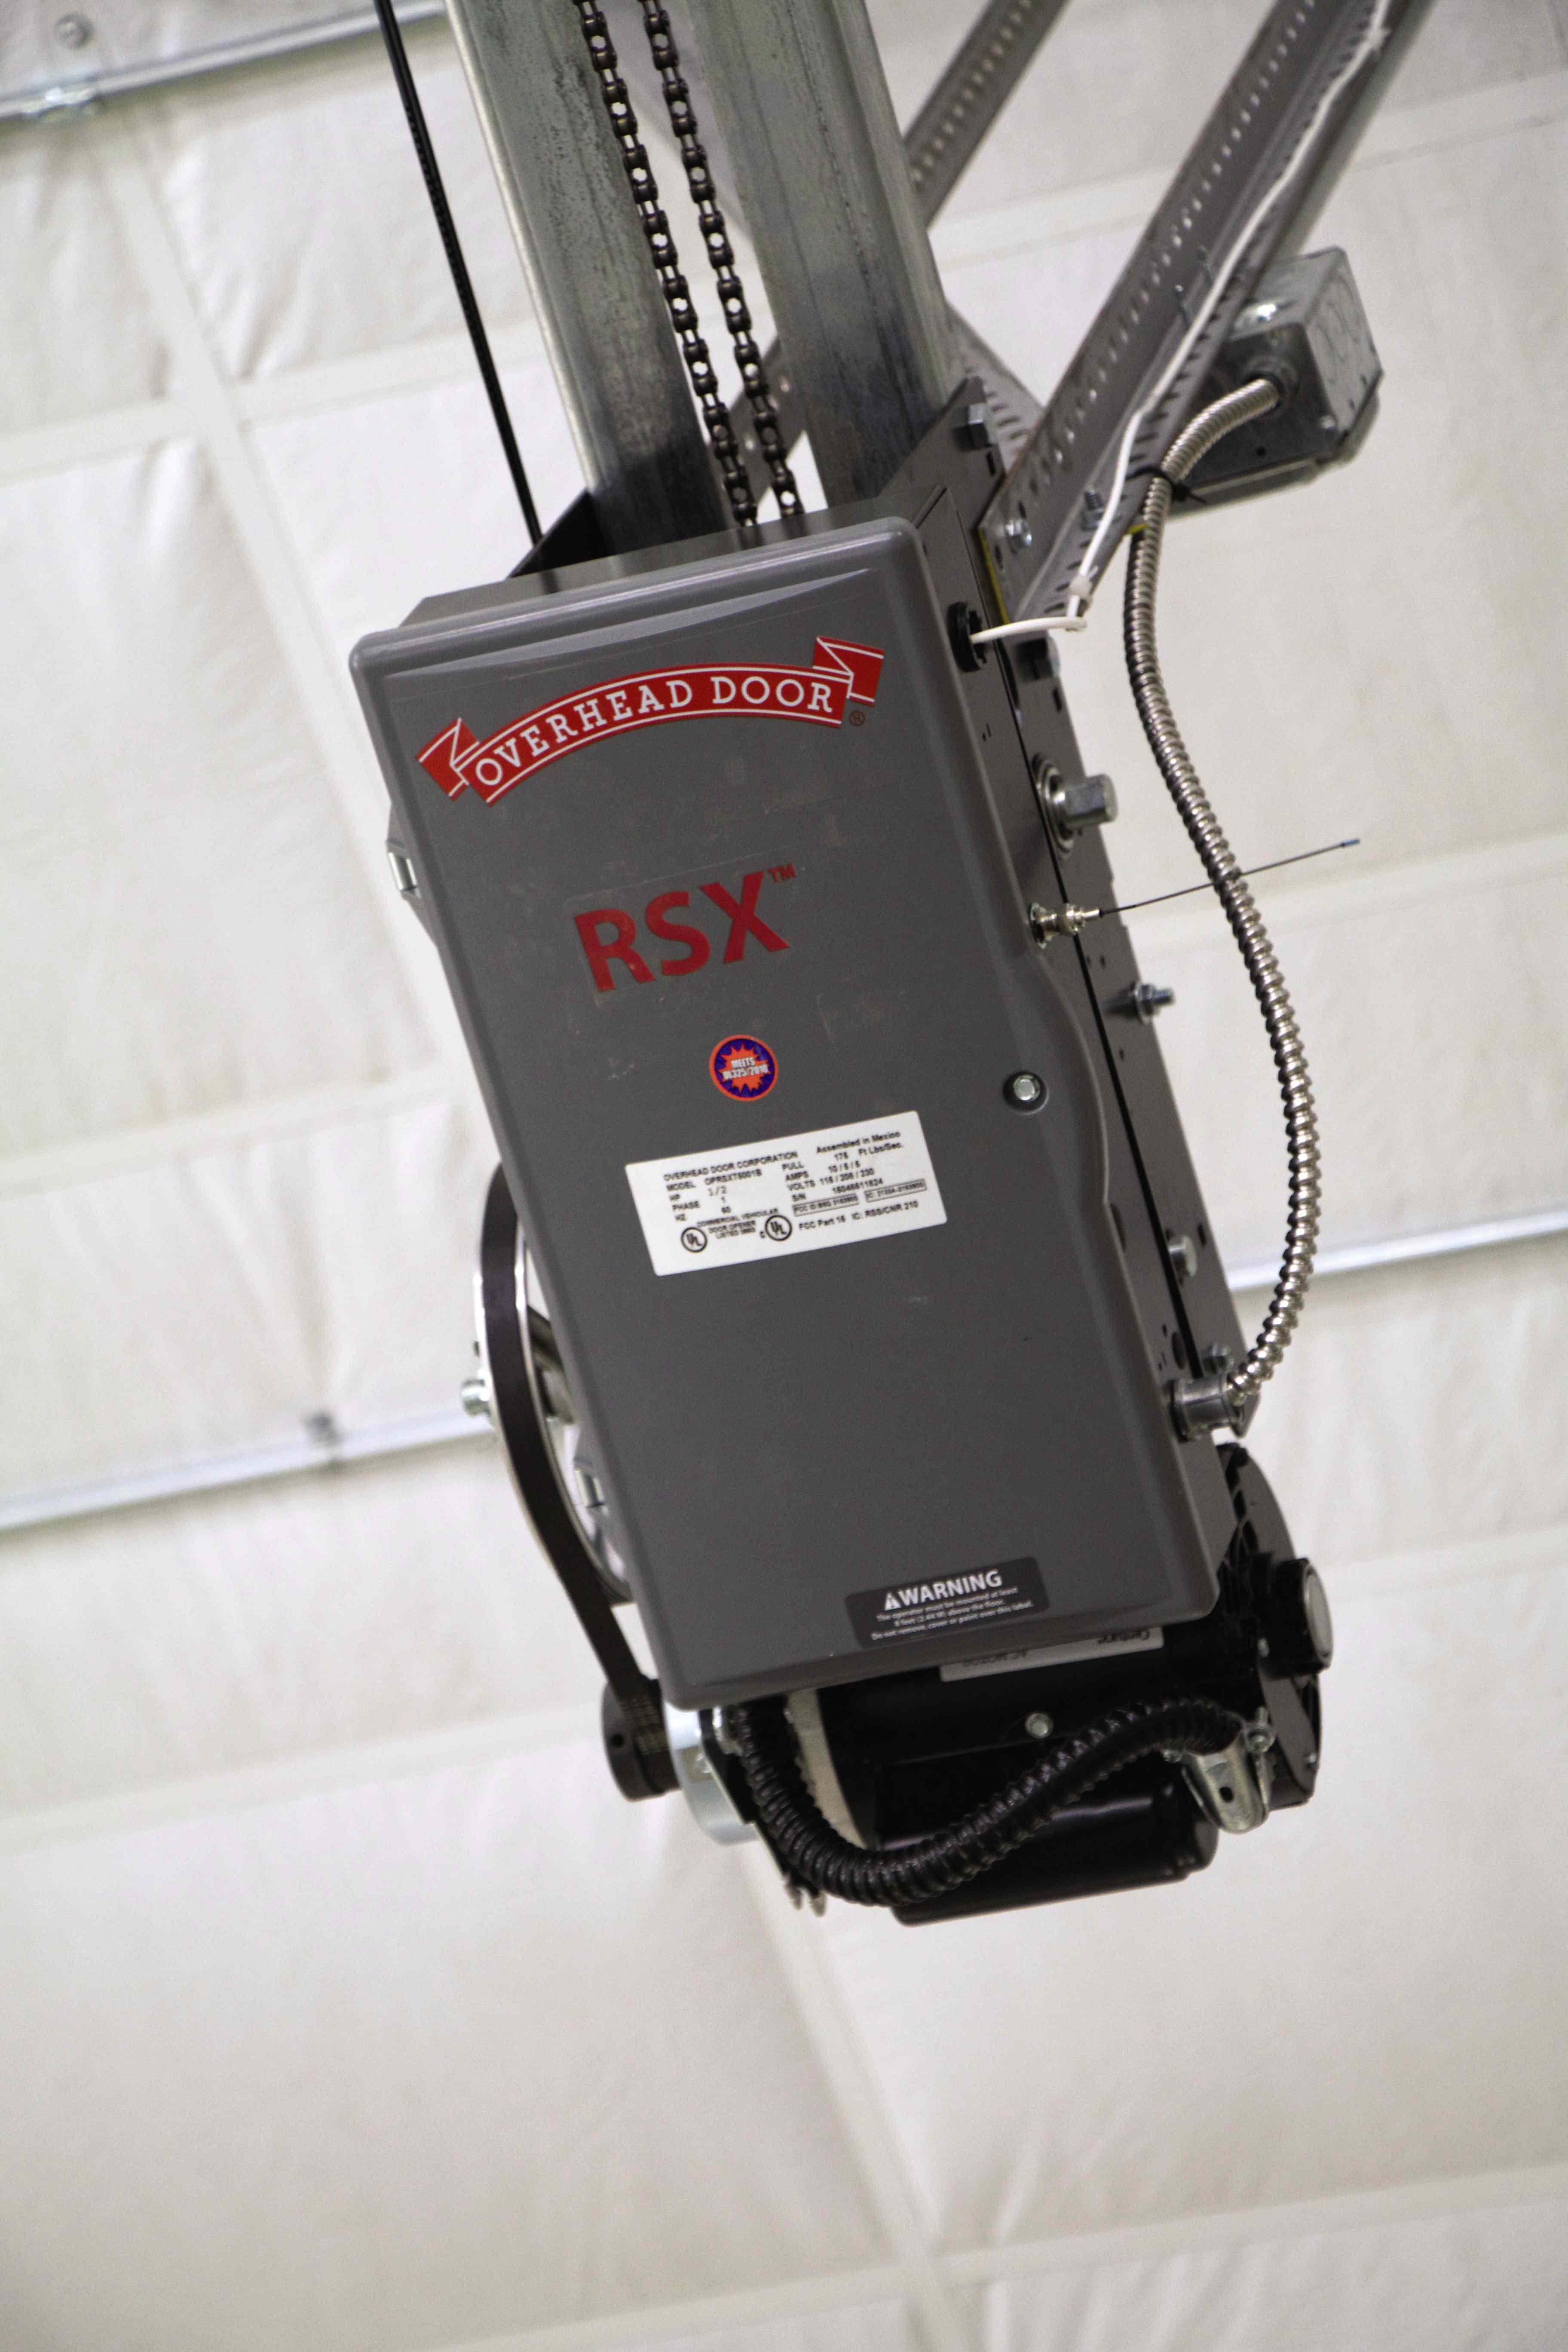 Overhead Door Rsx Parts Fuse Accessory Box